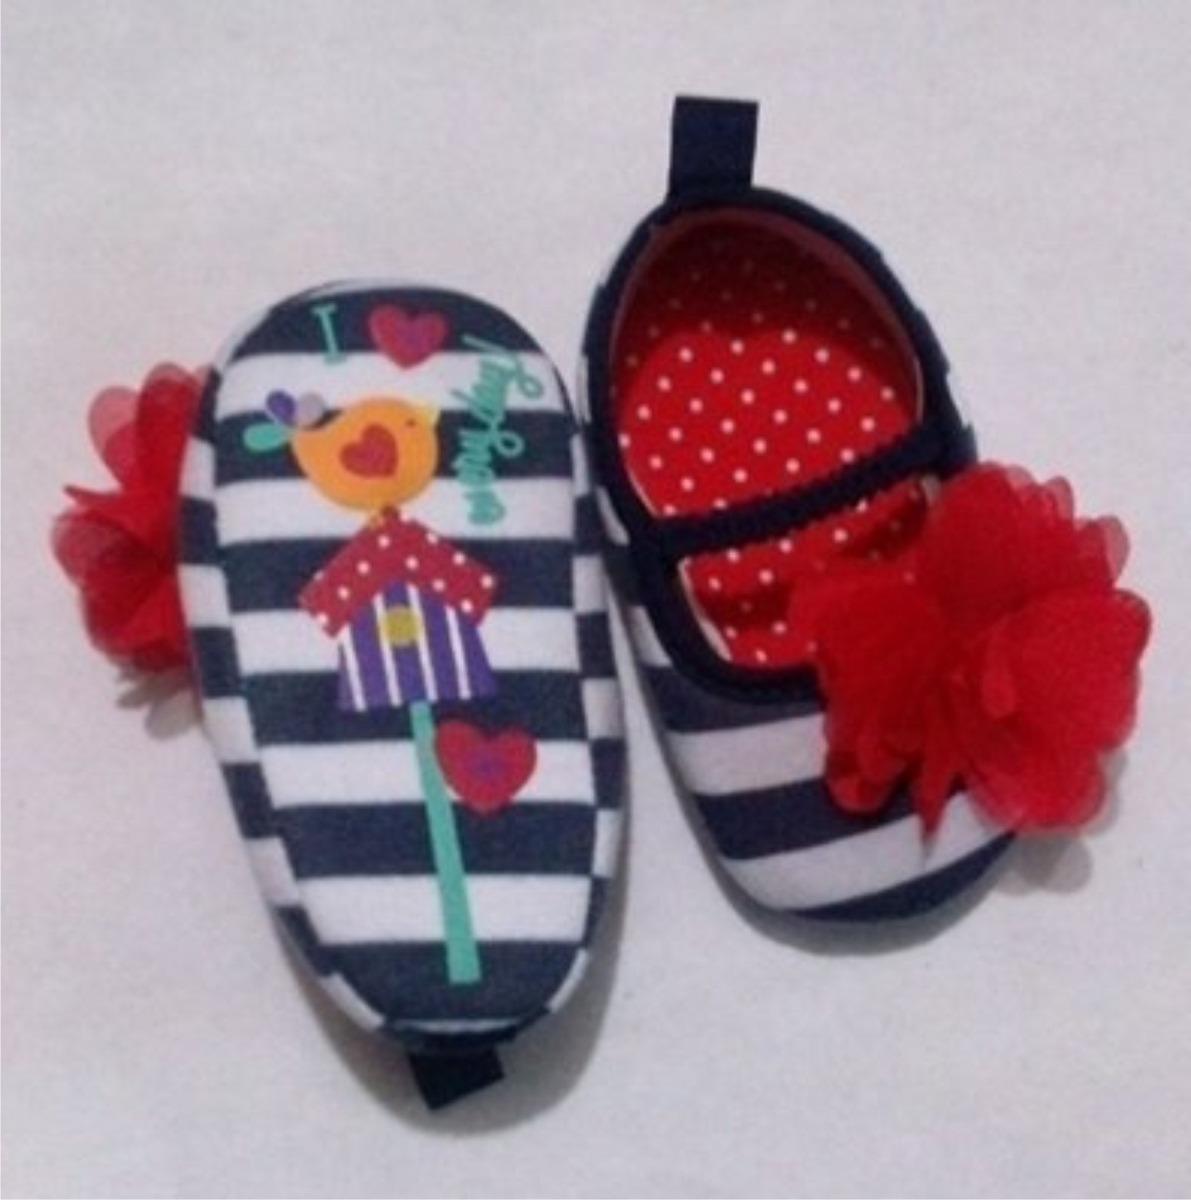 f0670447a19b9 Zapatos Bebe Niña Niño Zapatito Rayas Flor -   99.00 en Mercado Libre